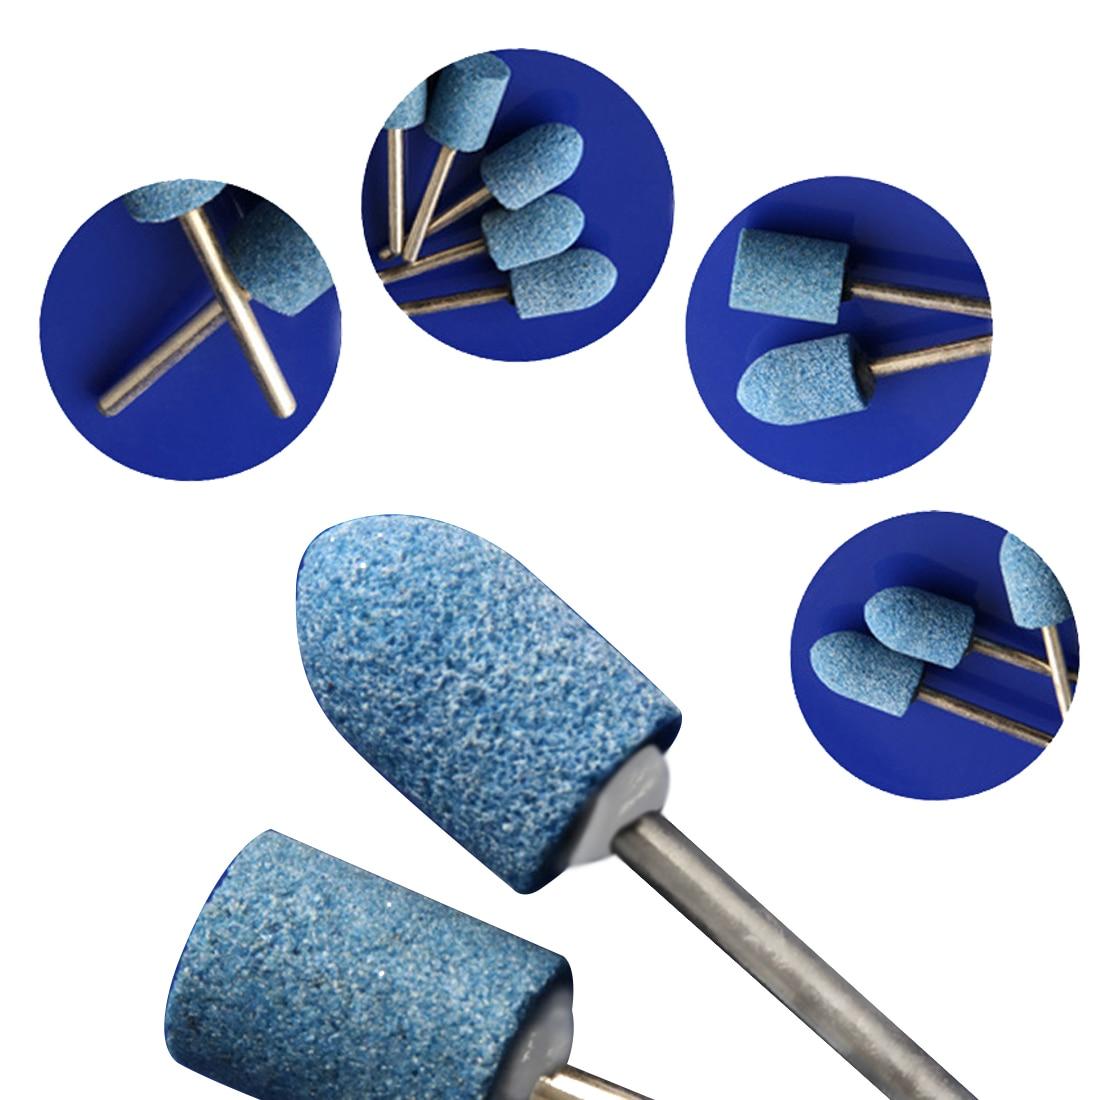 10 stks / set schurende steen voor Dremel roterende gereedschappen - Schurende gereedschappen - Foto 2